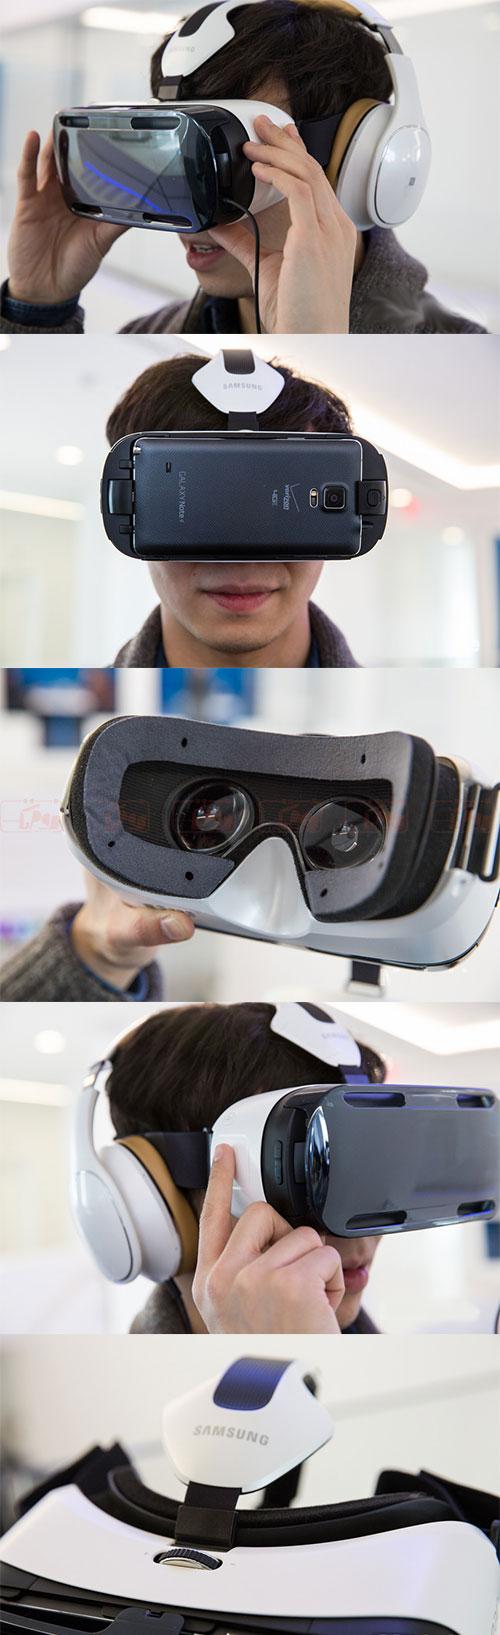 گجت سامسونگ Samsung Gear VR